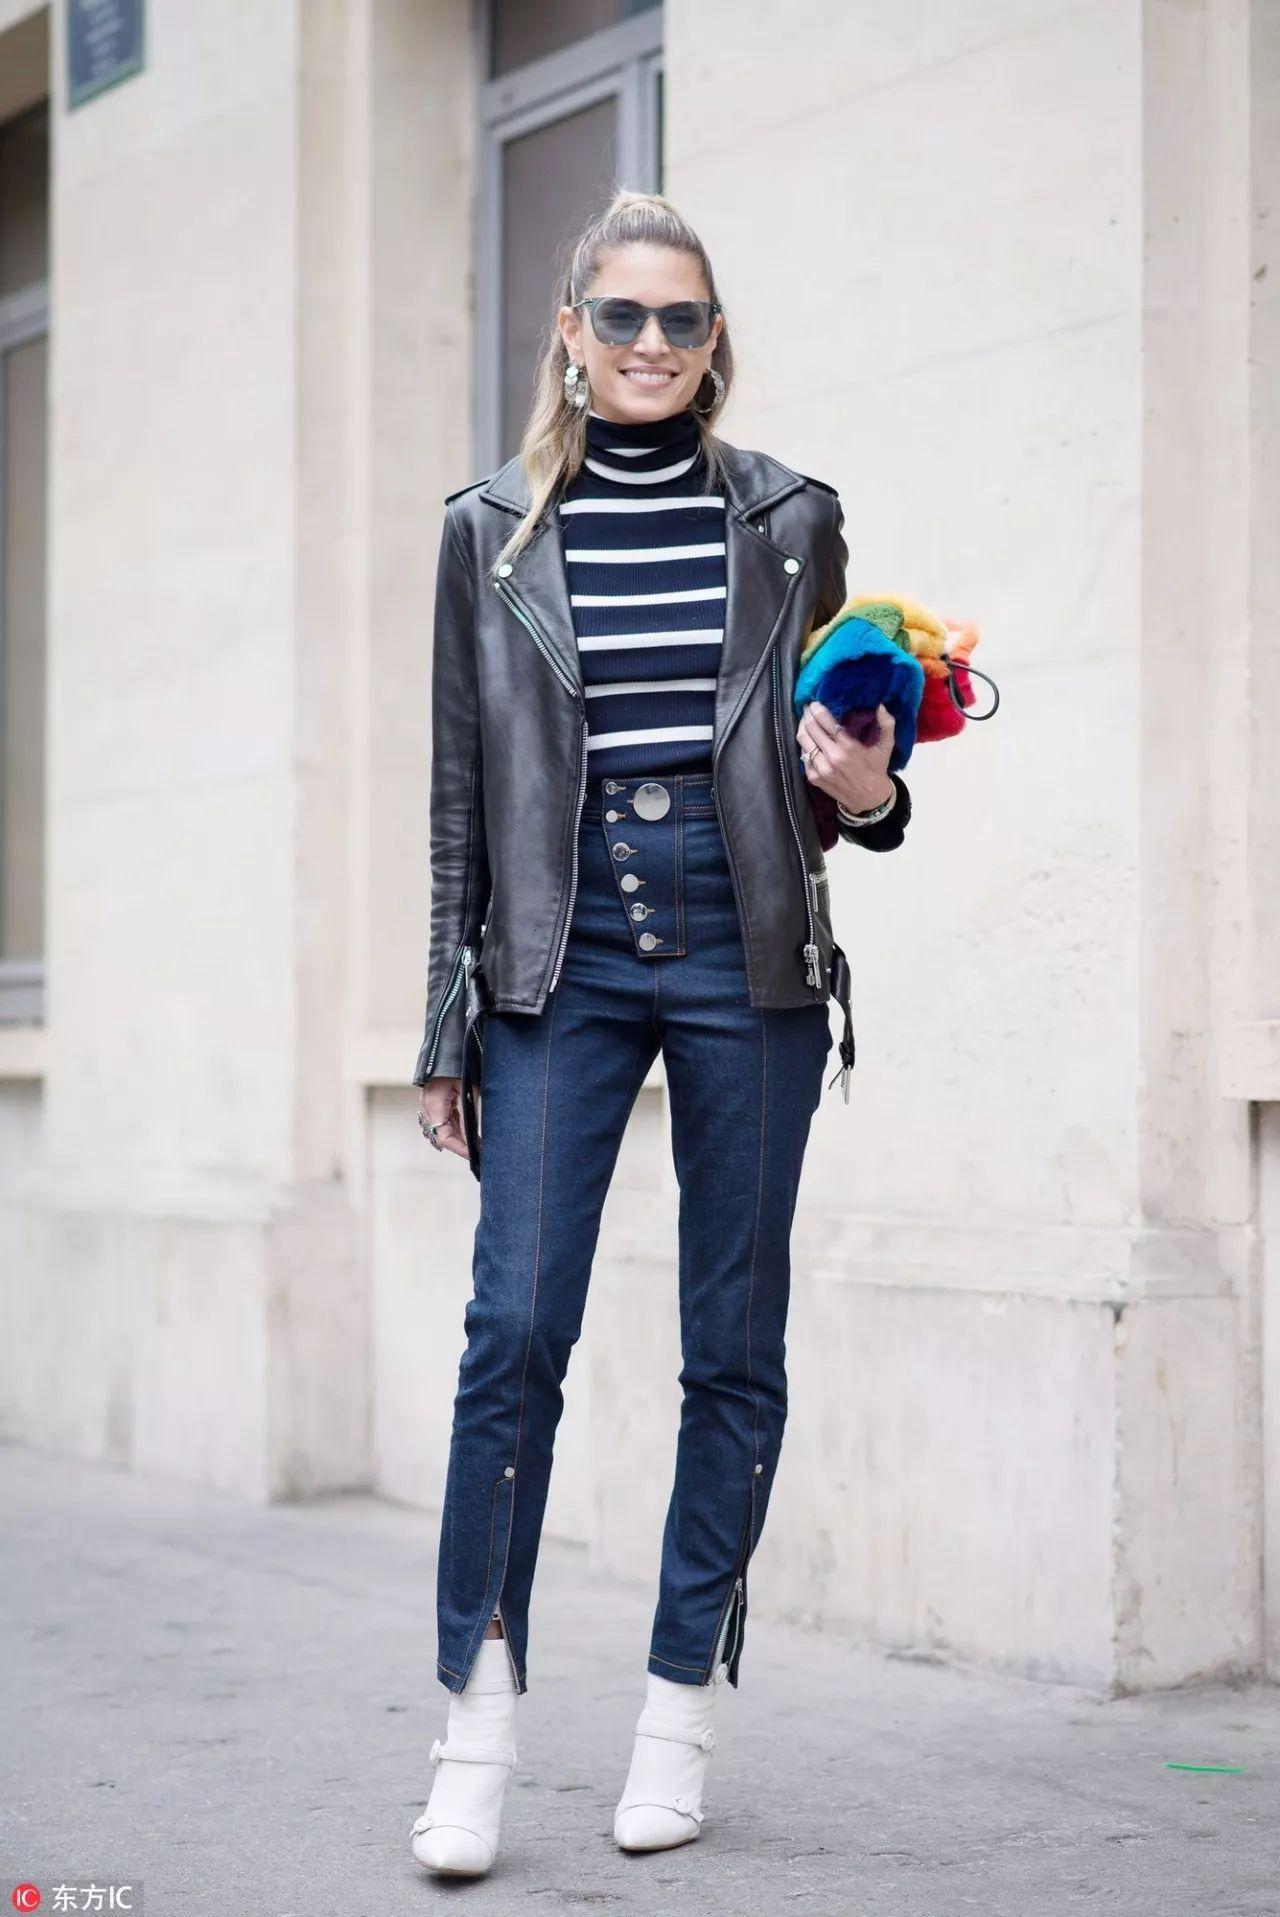 高跟设计增添了时尚的韵味,穿出了优雅气质